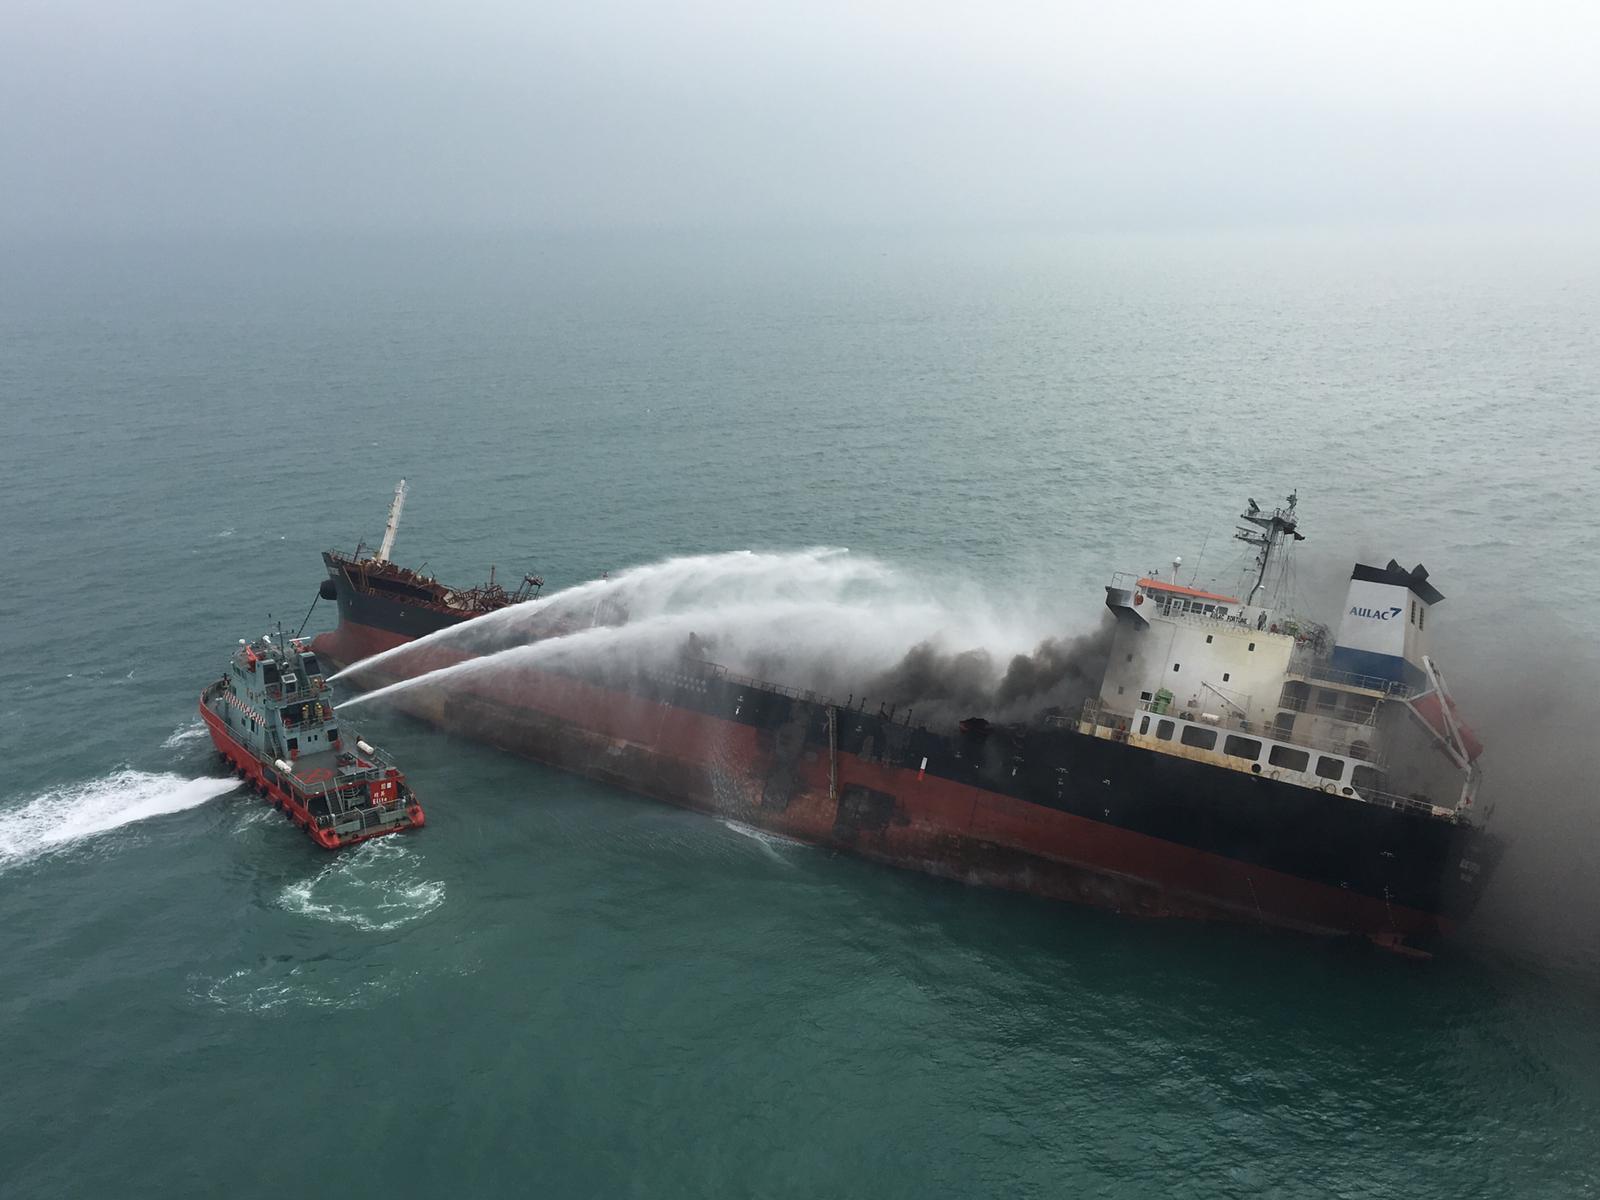 船身目前傾斜30度,詳細起火原因有待穩定船身後再作調查。飛行服務隊圖片